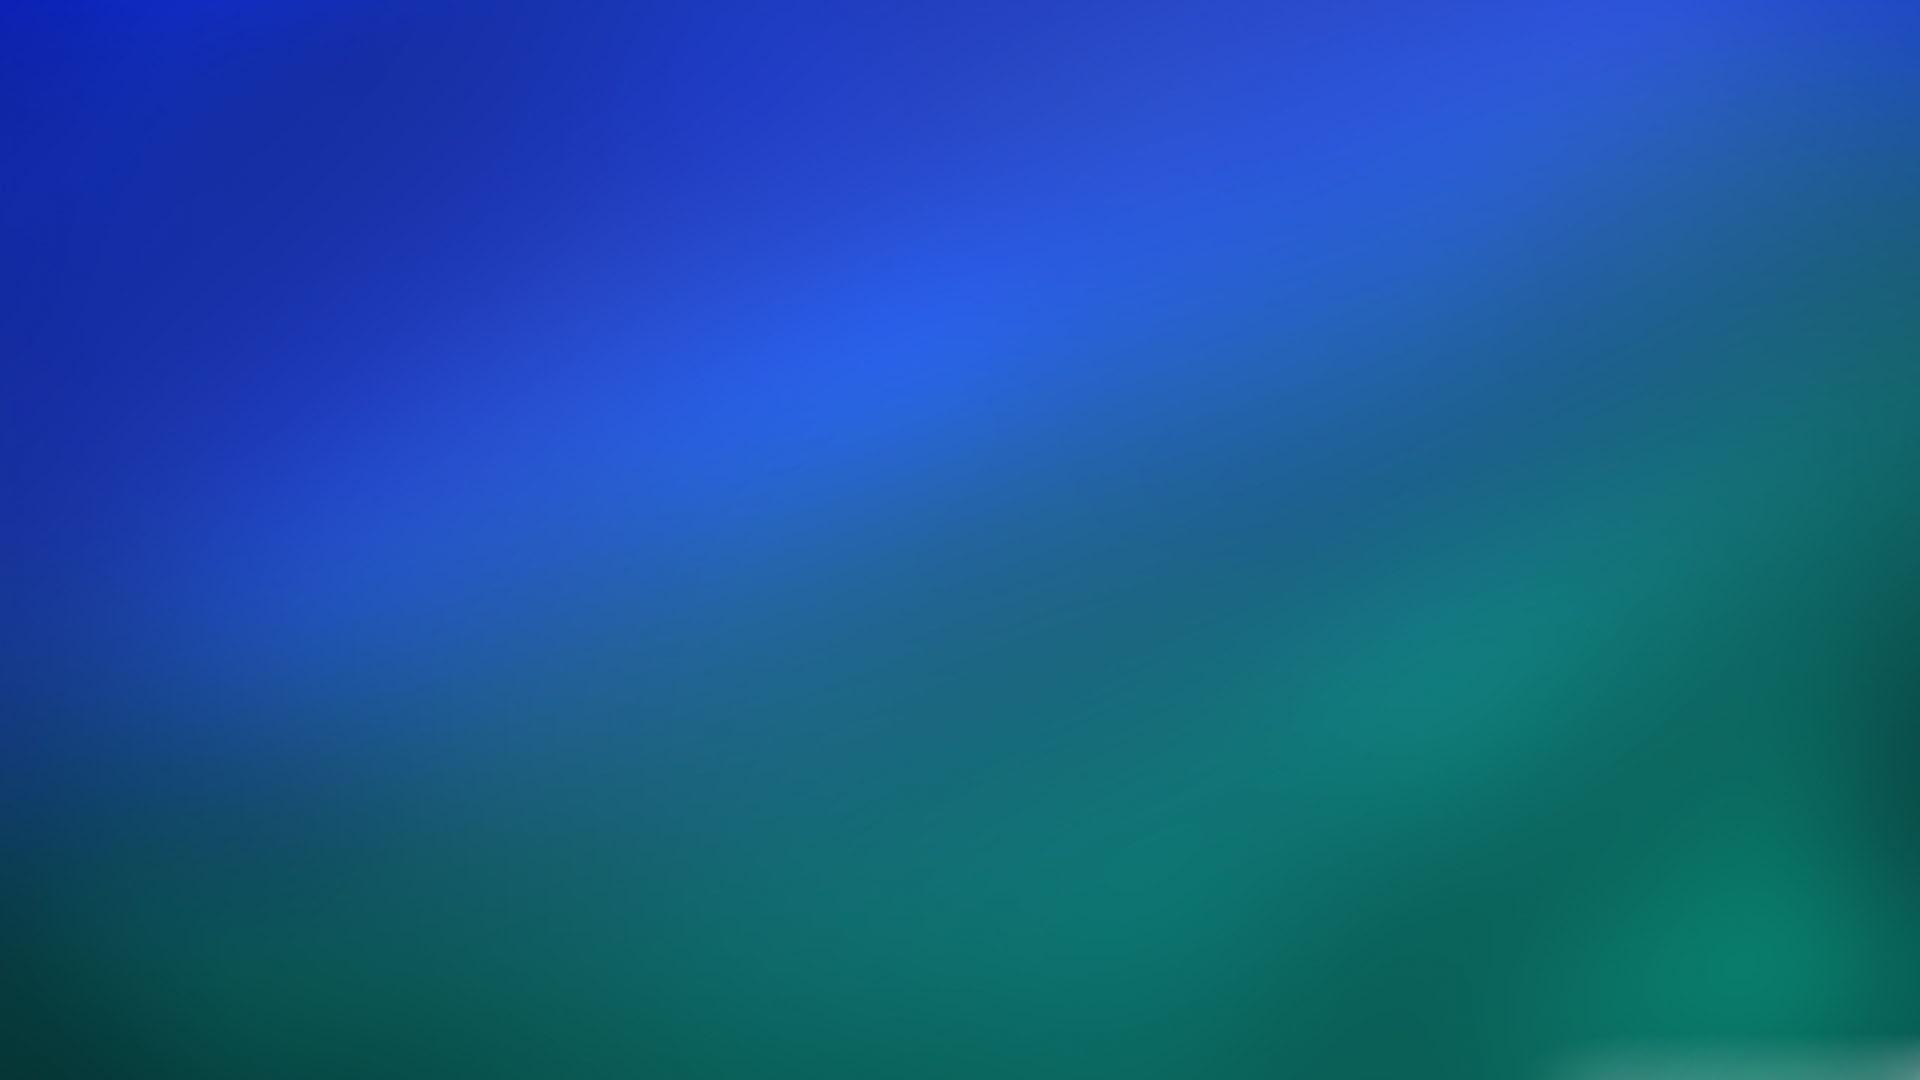 Vista Girls Wallpaper Blue And Green Wallpaper Hd Pixelstalk Net